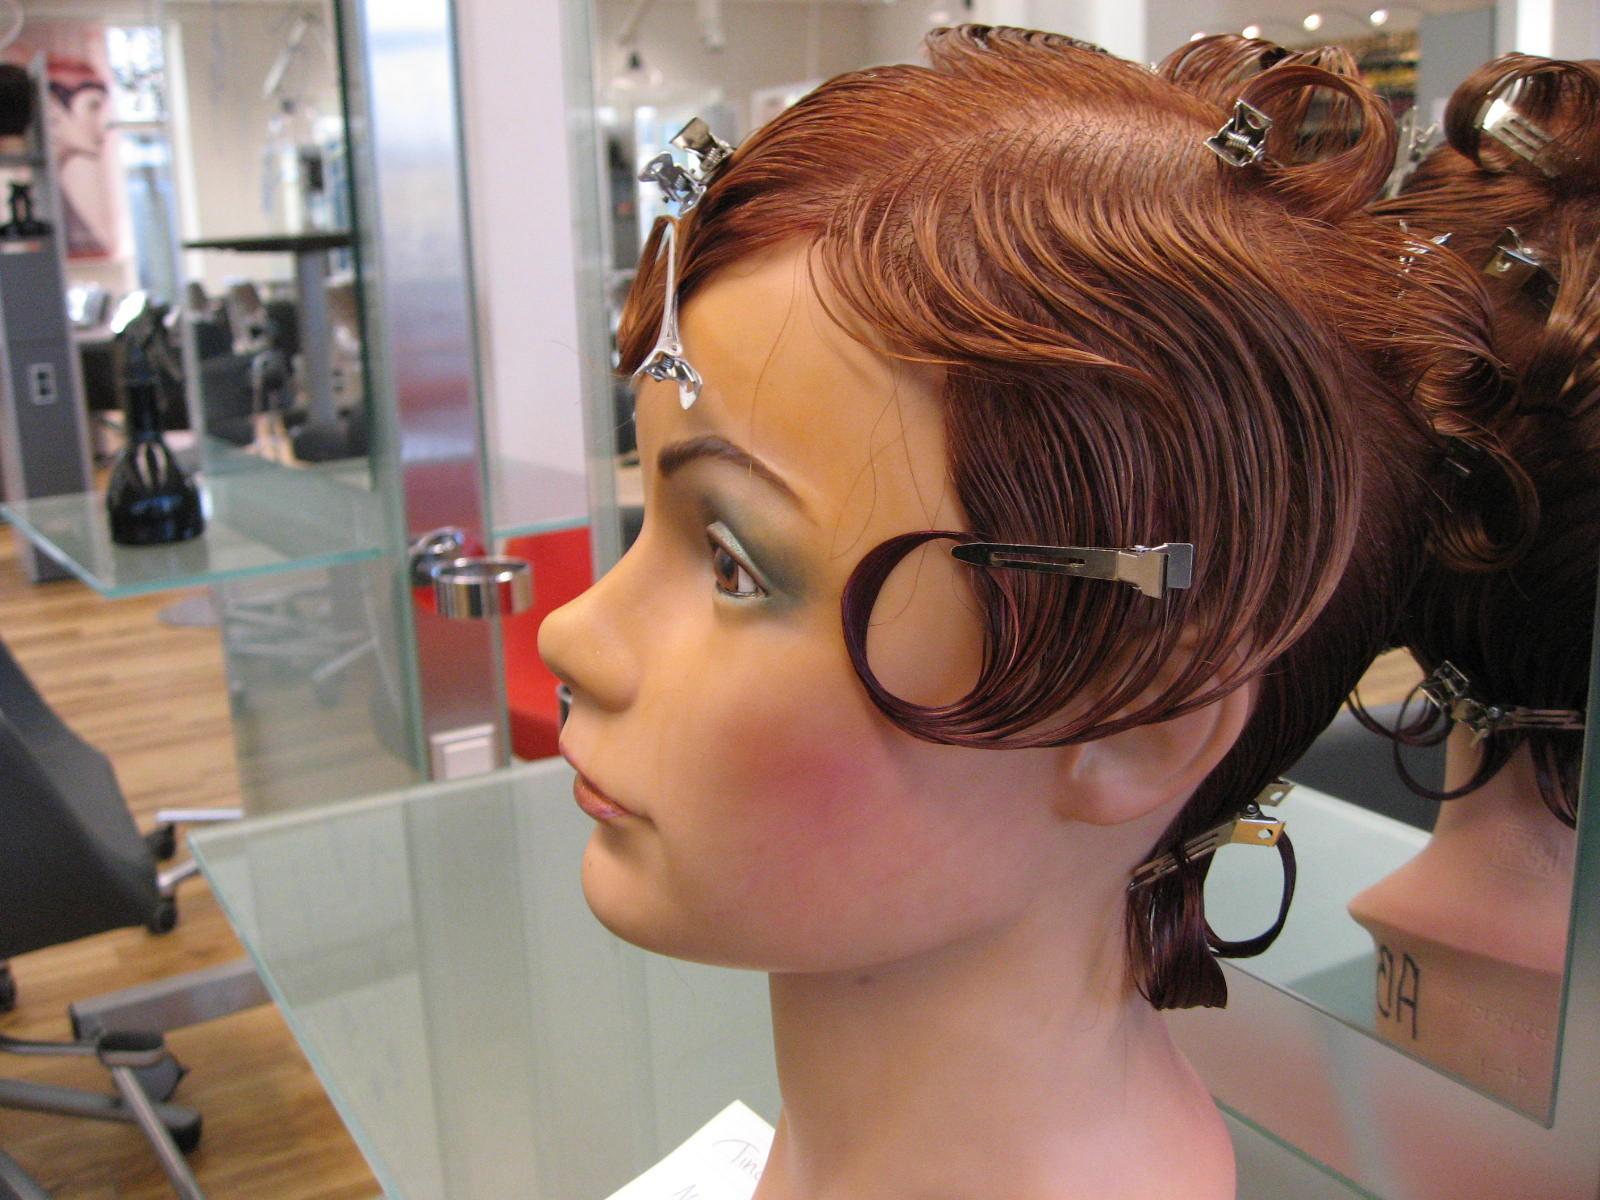 teknisk skole herning frisør